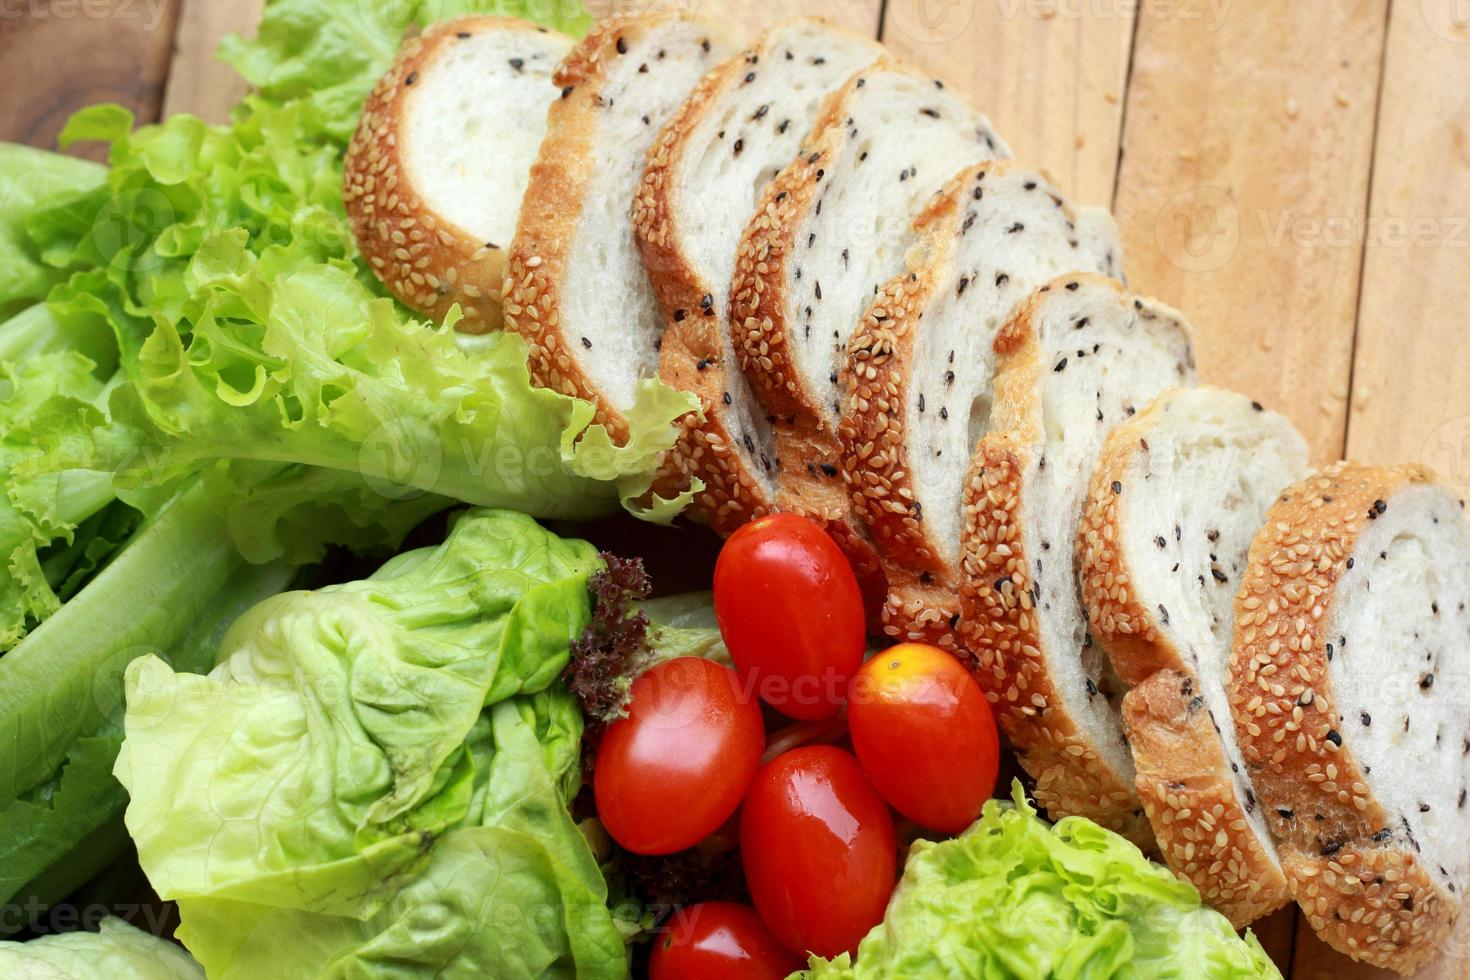 pão polvilhado com gergelim - salada de legumes verde foto